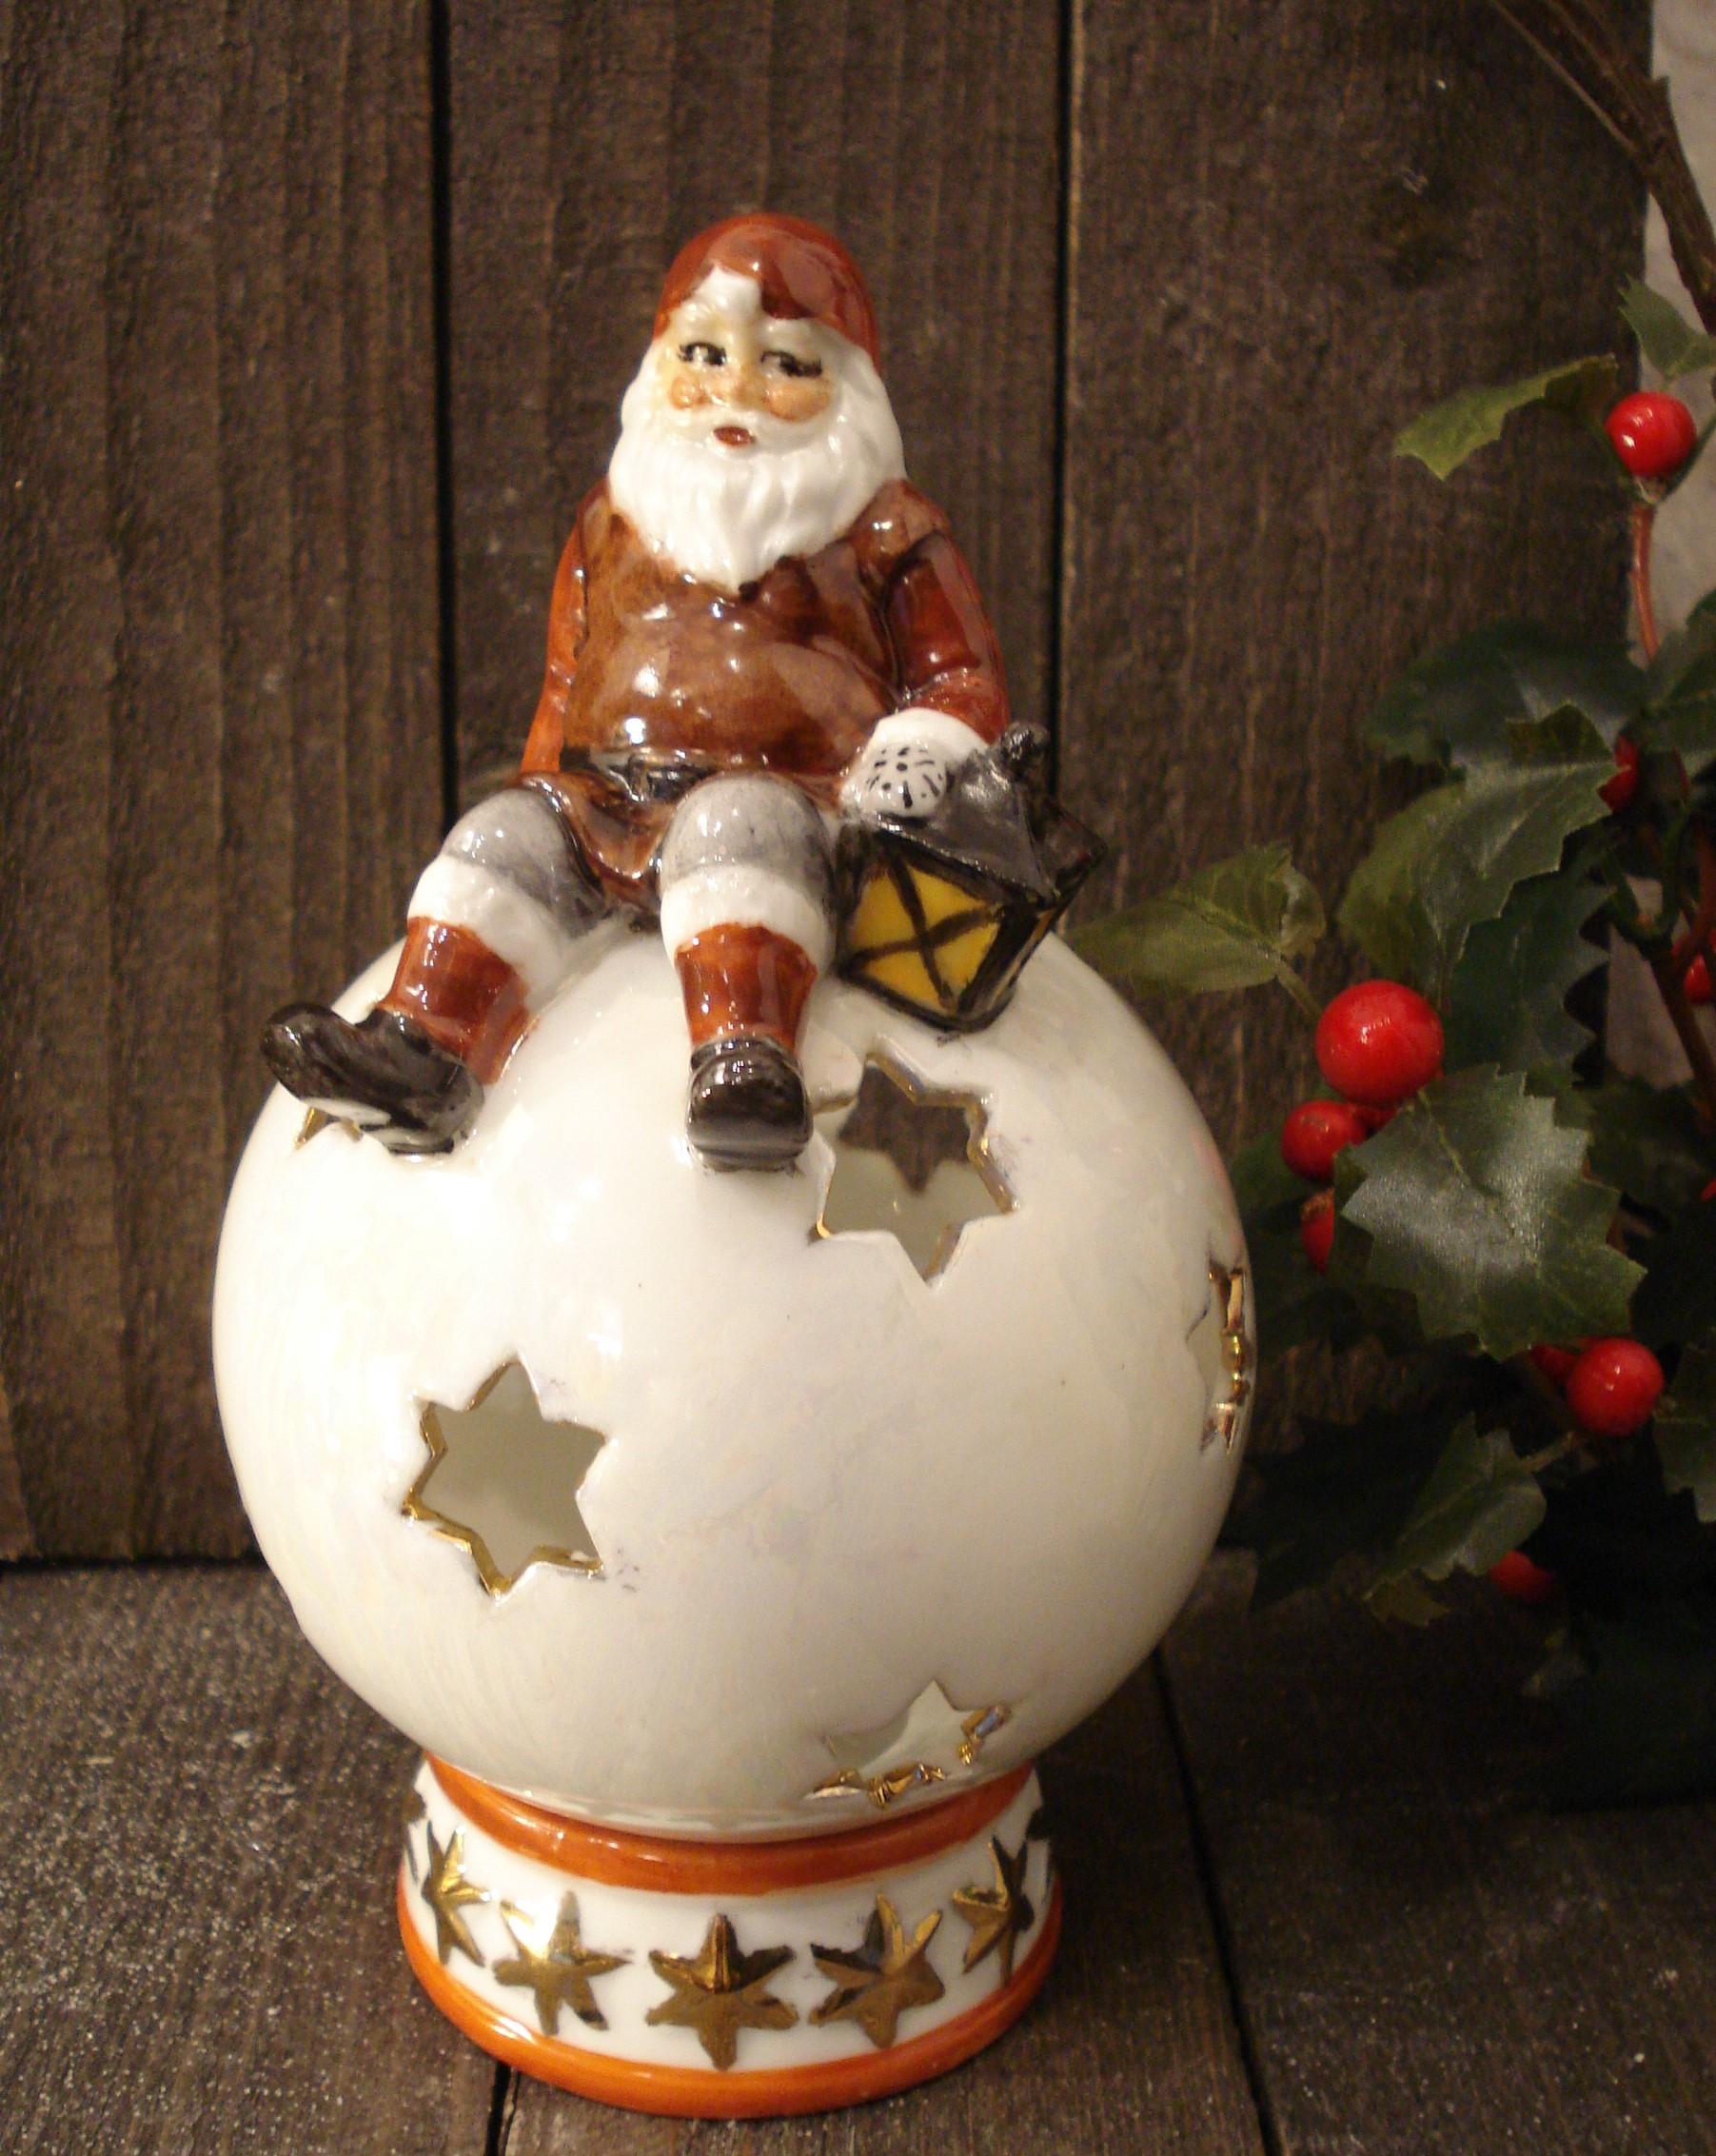 Julemand på kugle